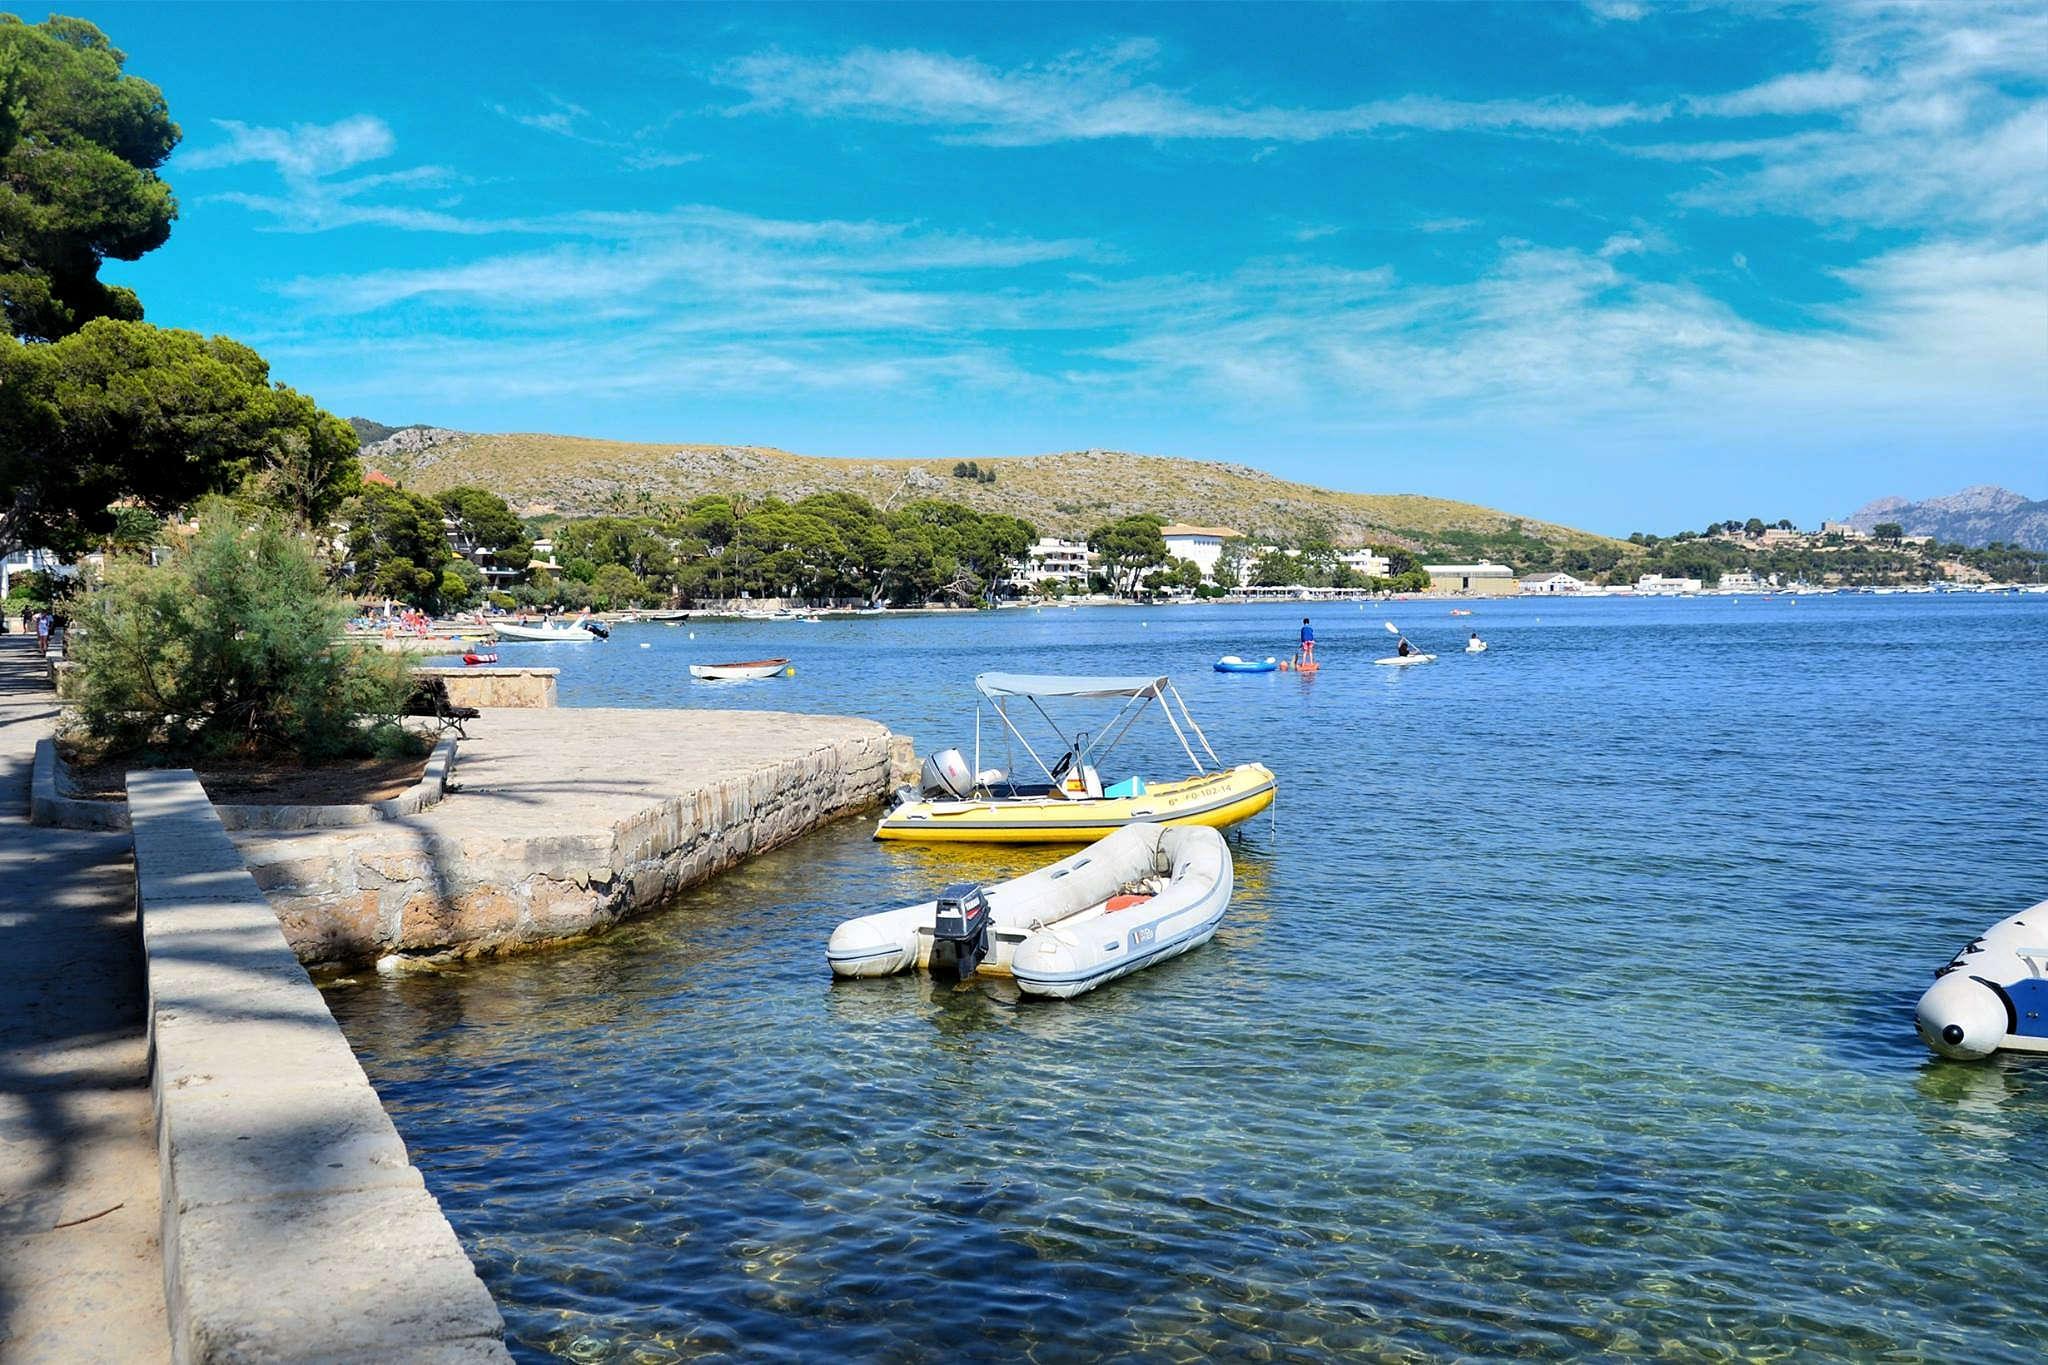 faro-de-formentor-Port-de-Pollença-Mallorca